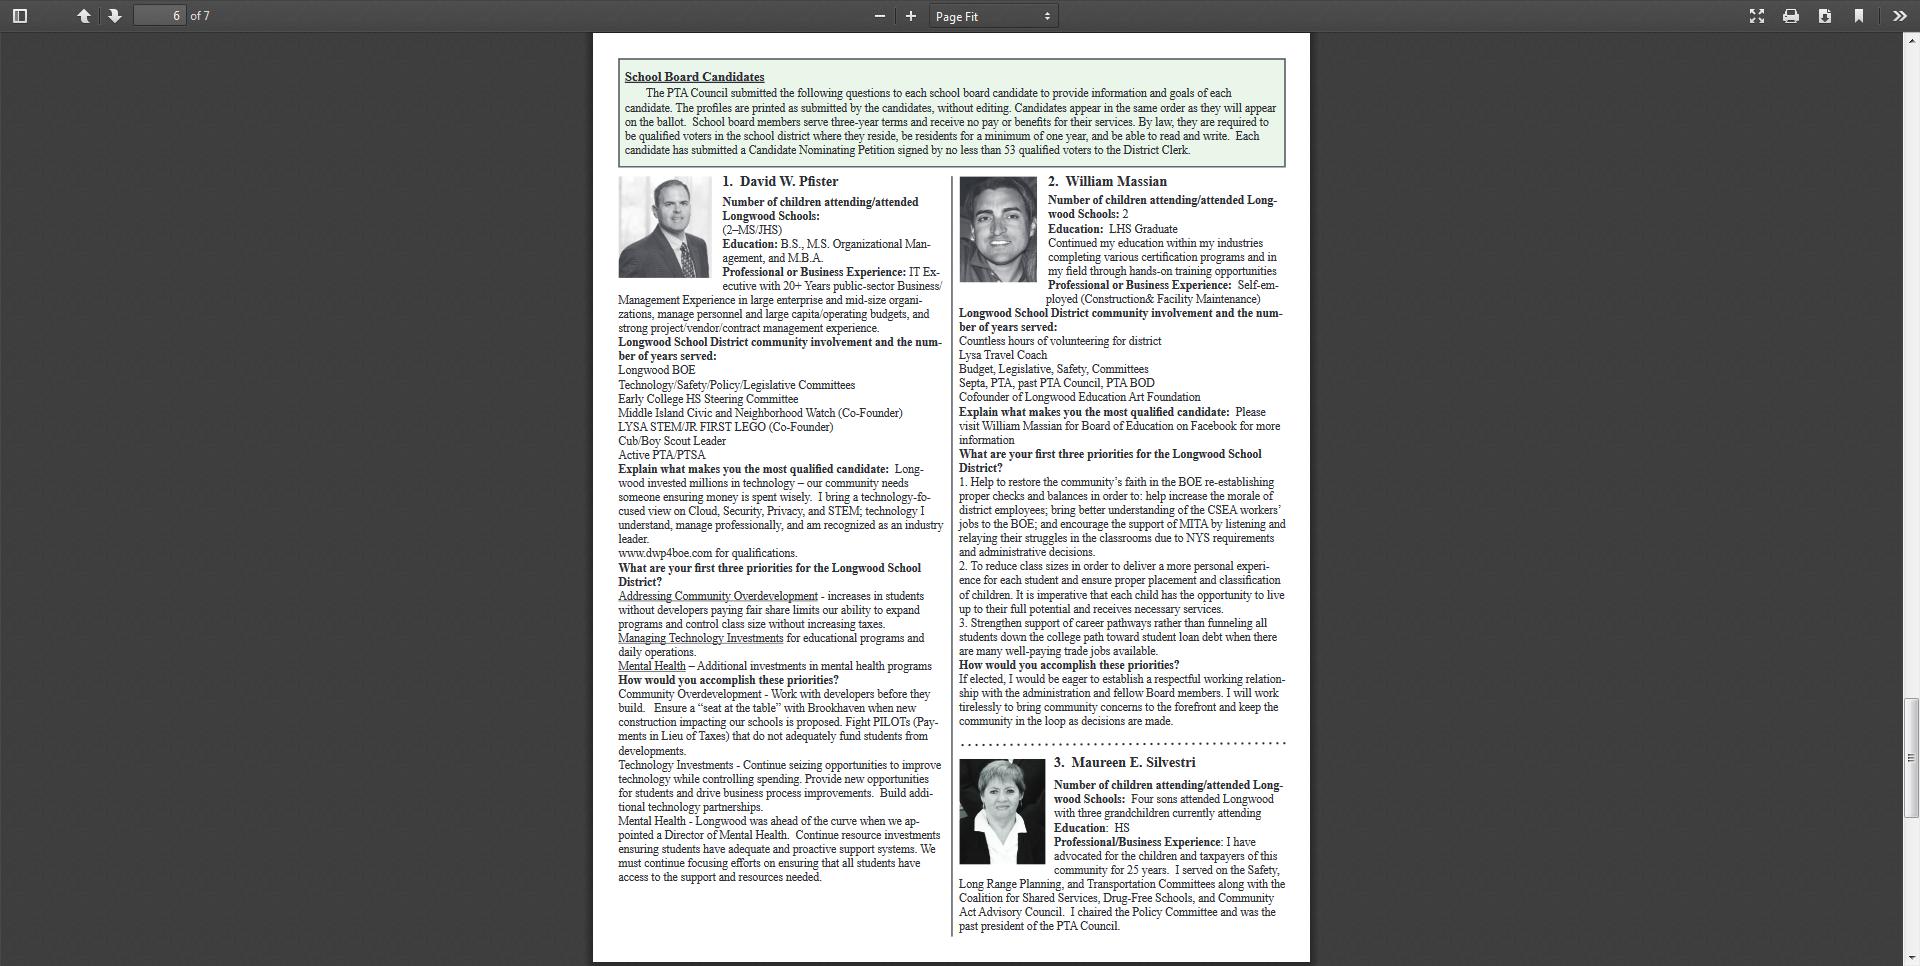 Screenshot_2019-05-05 2019-20 Budget Newsletter for posting indd - 2019-20 Budget Newsletter English for posting pdf